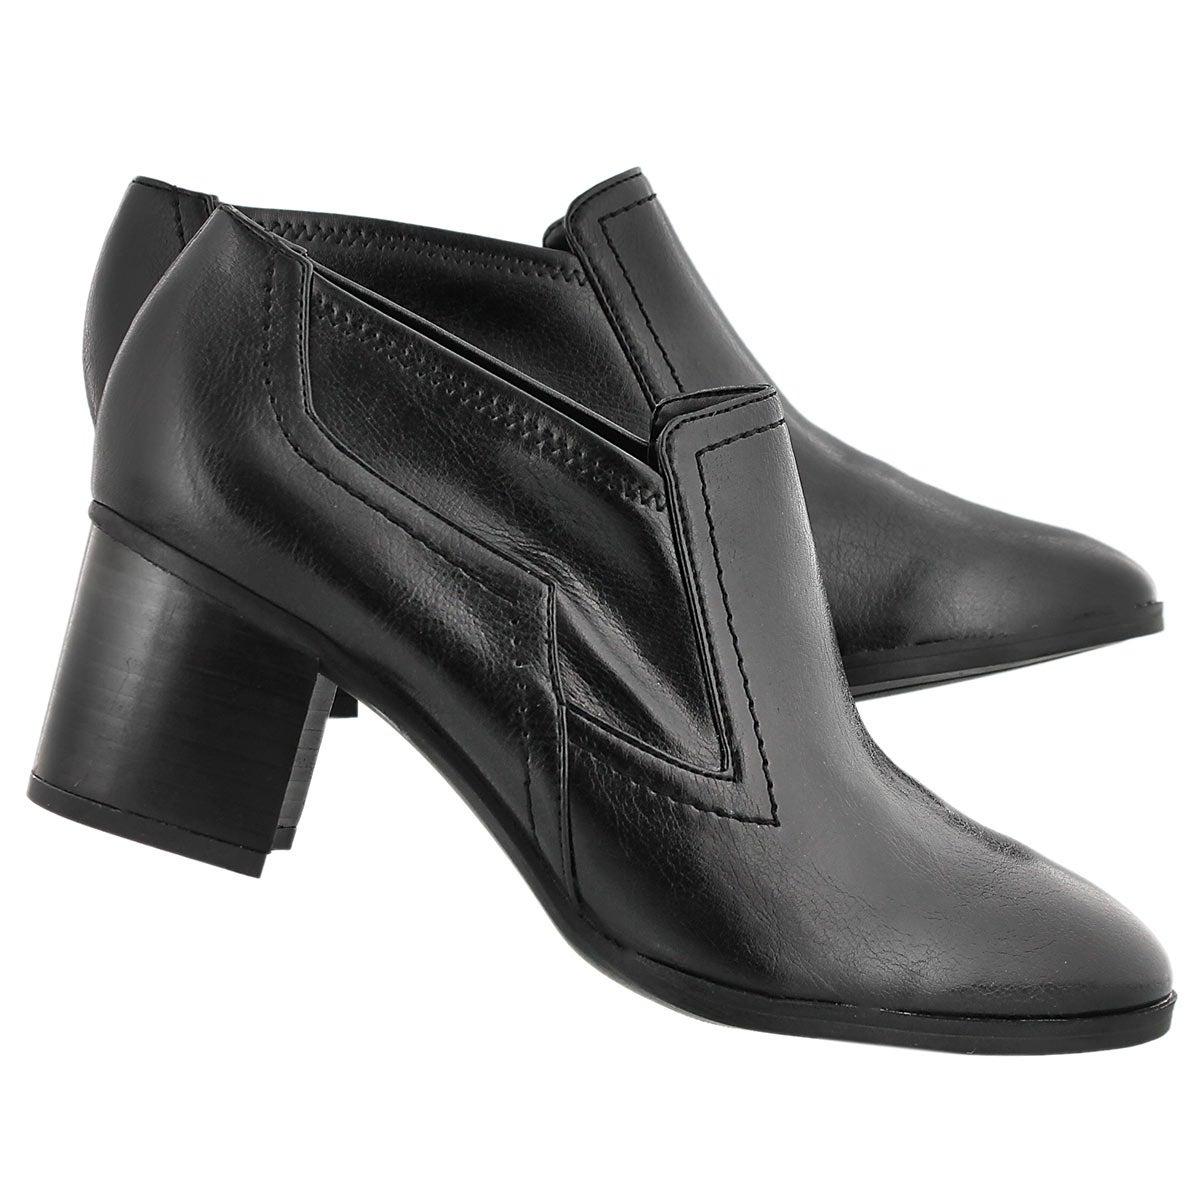 Lds Ashland blk slip on dress shoe